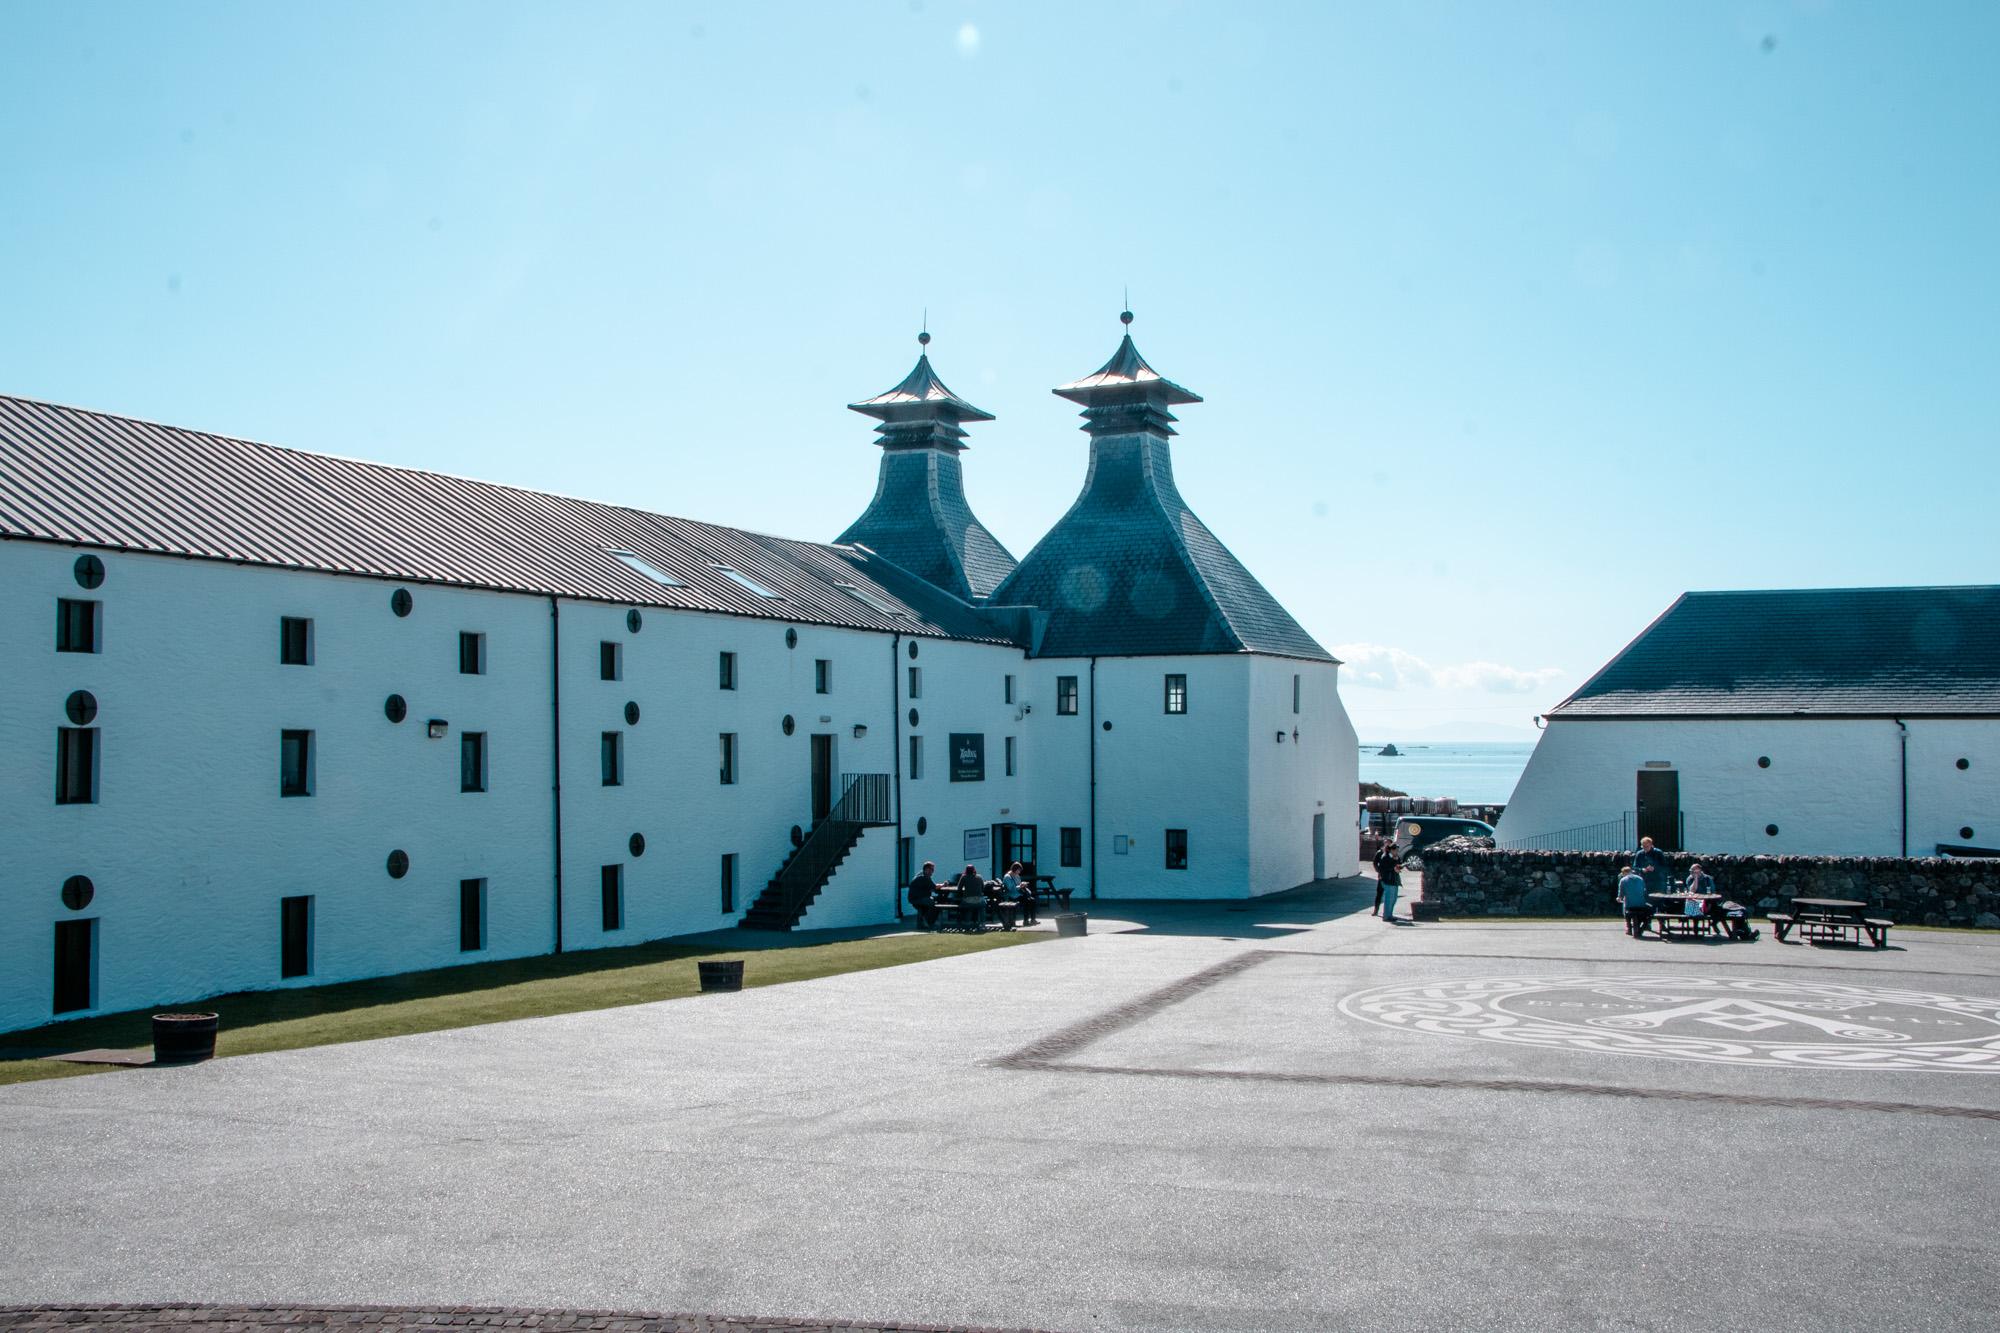 Ardbeg Destillery - Whisky Destillery auf der Insel Islay, Schottland